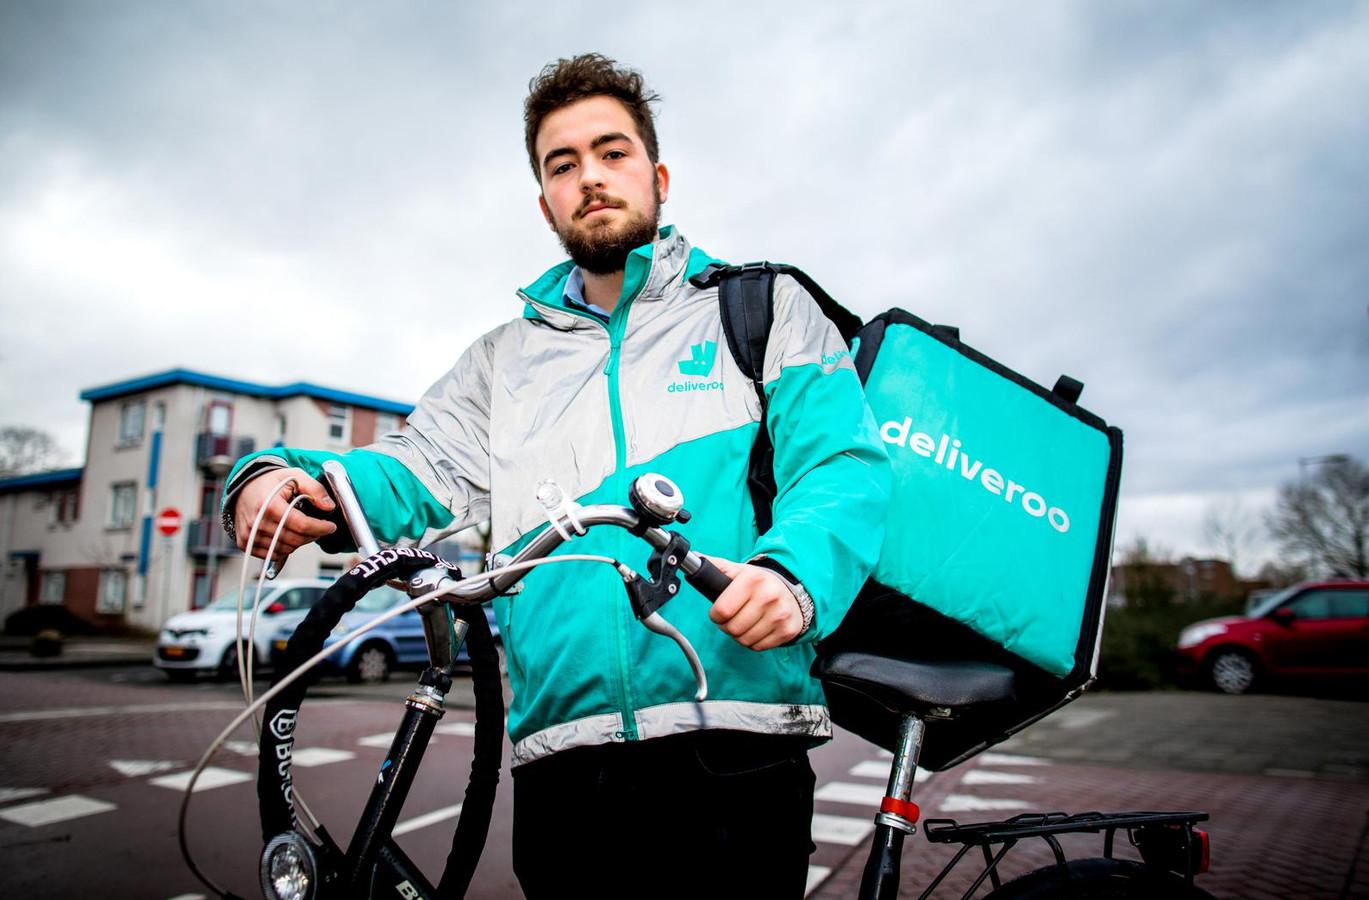 Bezorger Sytze Ferwerda wilde als werknemer blijven bezorgen voor Deliveroo, maar verloor de rechtszaak die hij gesteund door FNV en PvdA had aangespannen